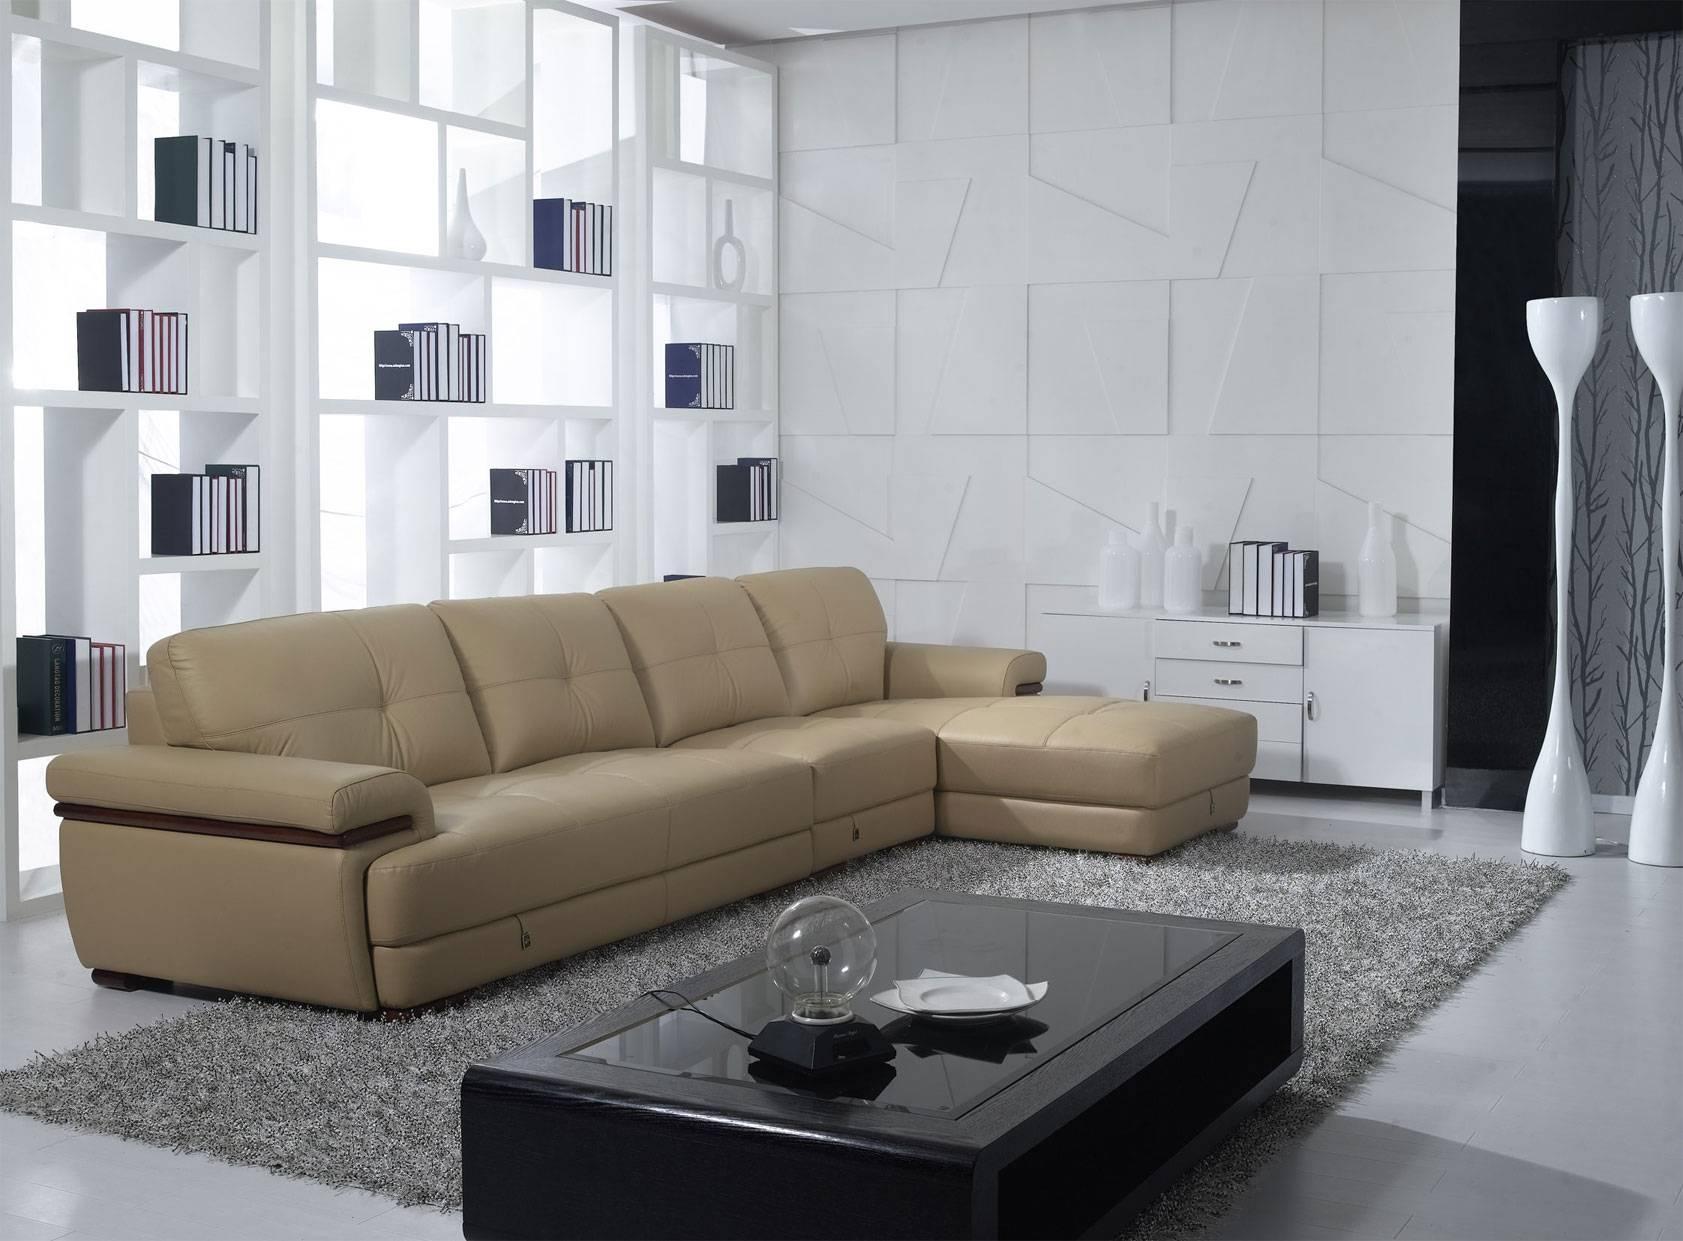 Sofas Center : High Quality Sectional Sofa Brandsquality Azbest throughout Quality Sectional Sofa (Image 24 of 30)